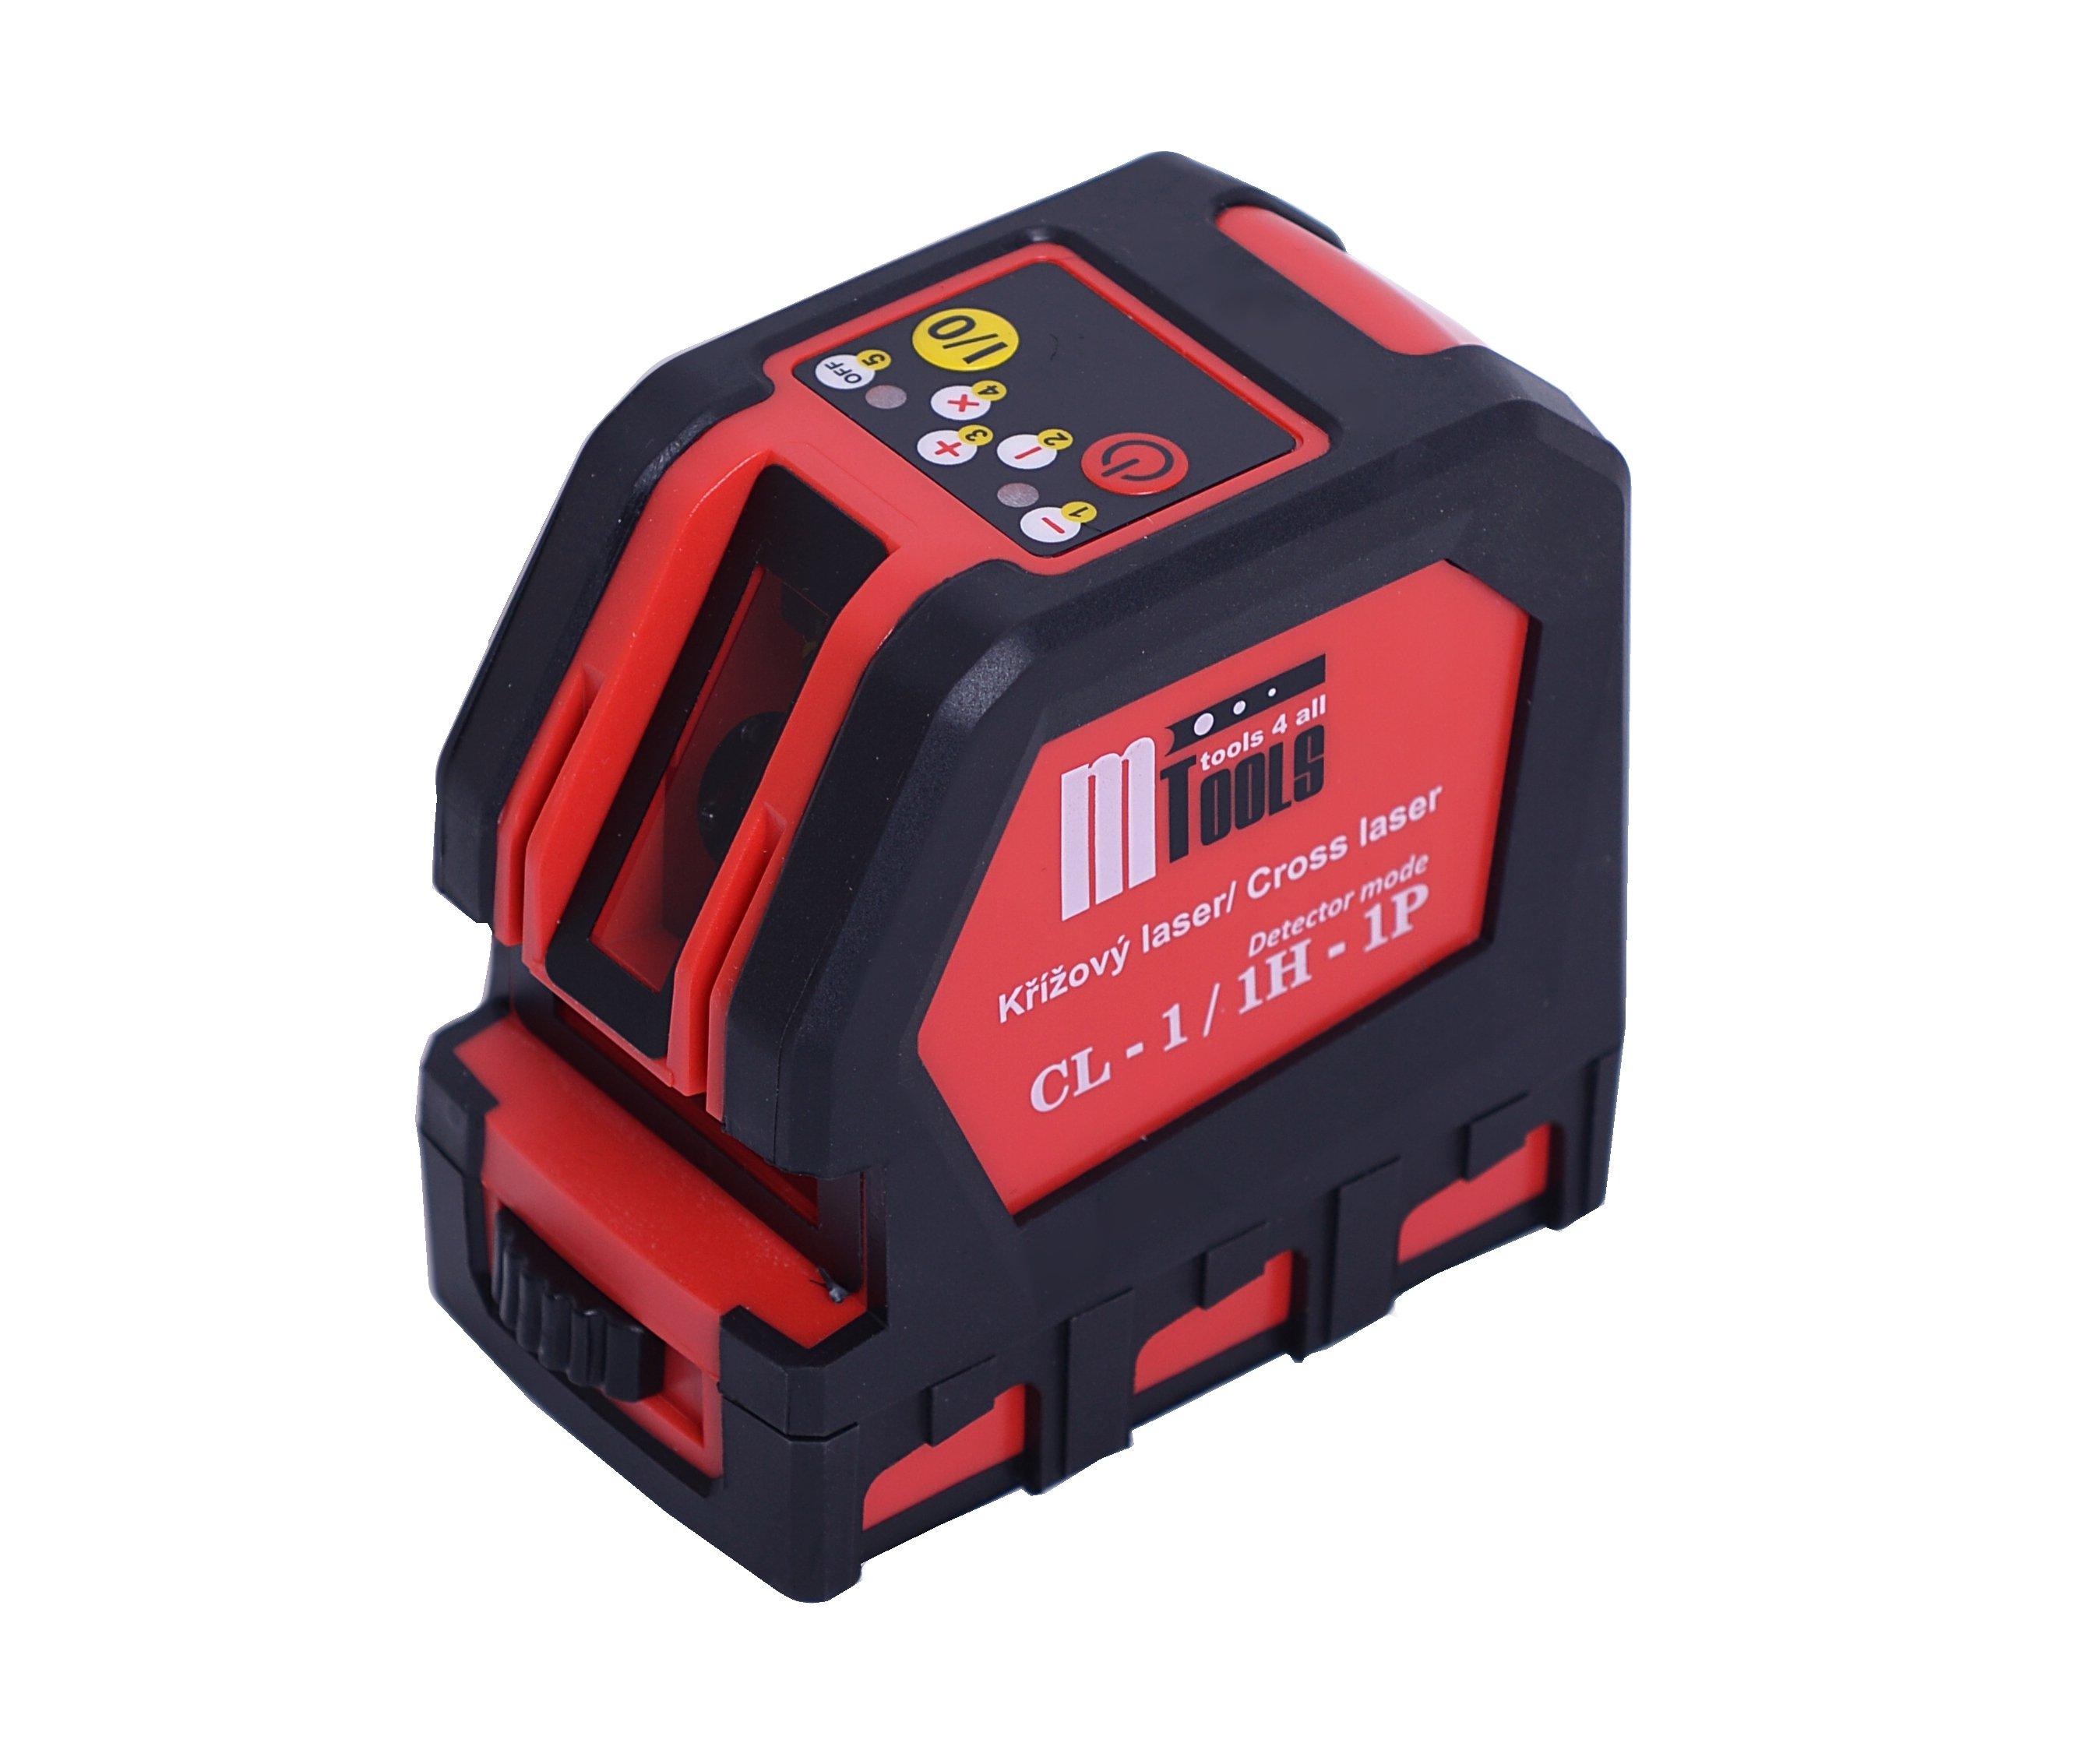 Laser křížový červený mTools CL-1